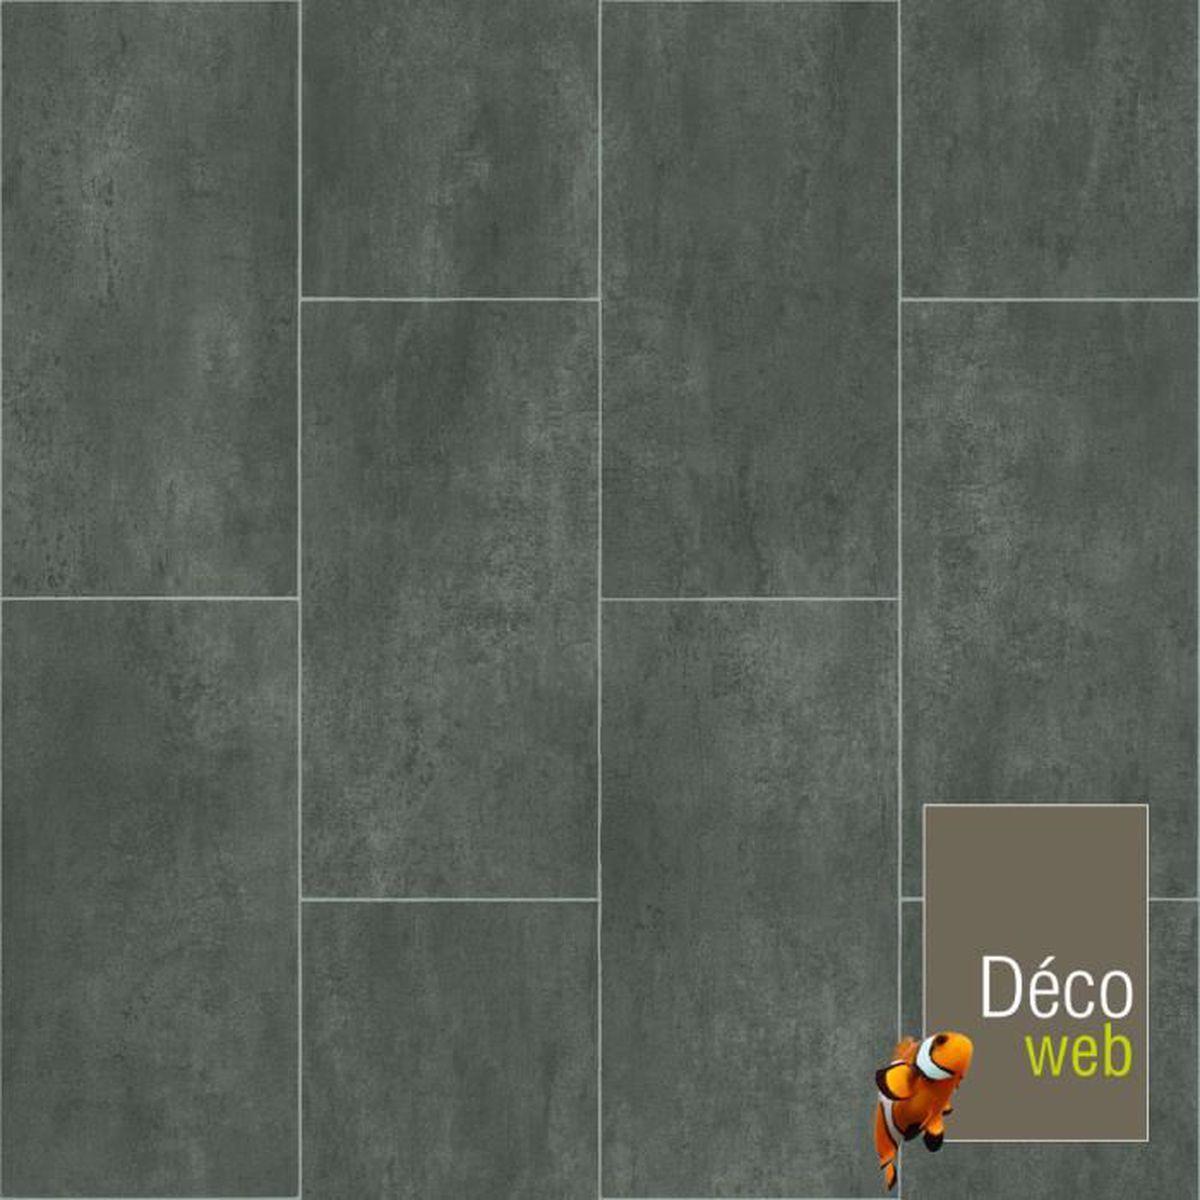 Sol Pvc Salle A Manger 3 x 4m - sol pvc best - motif carrelage gris foncé marbré